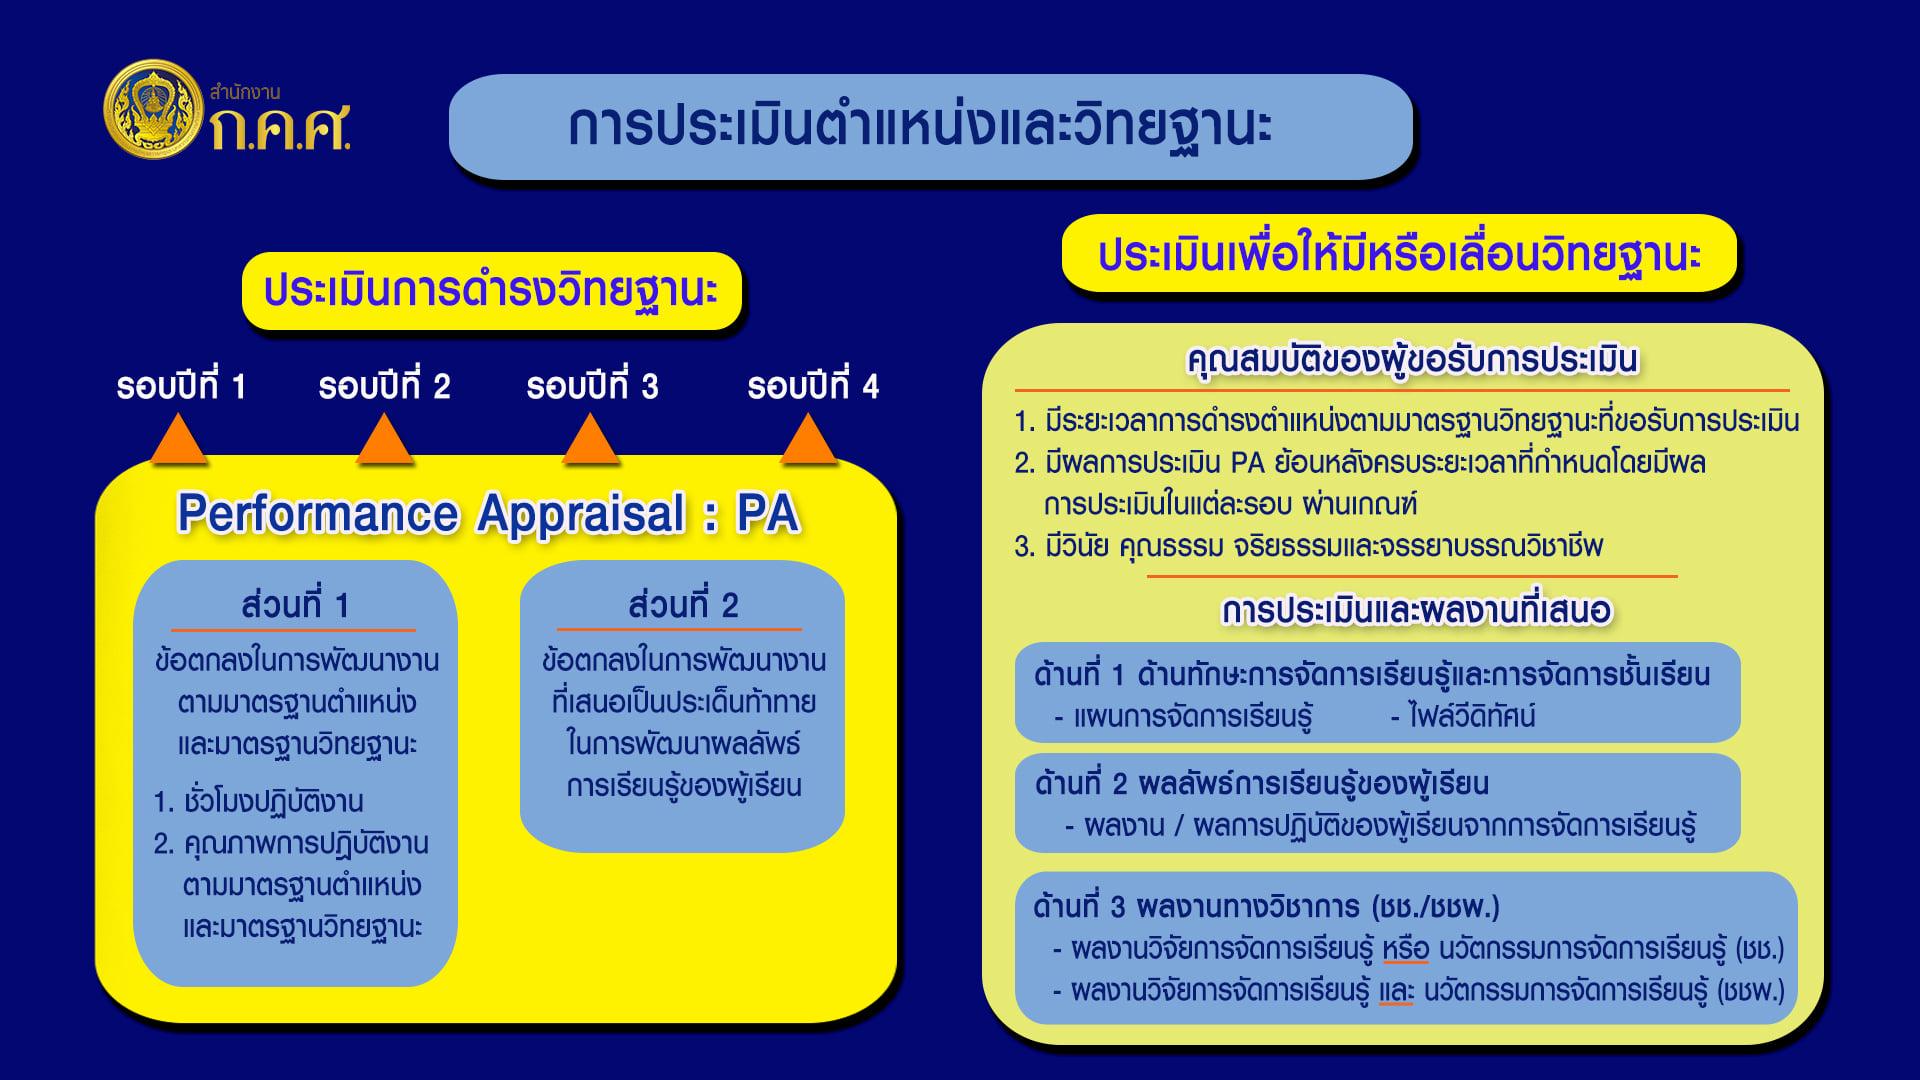 ตอบข้อสงสัยช่วงเปลี่ยนผ่านการขอวิทยฐานะจากเกณฑ์เก่าสู่ระบบ PA 1611755779